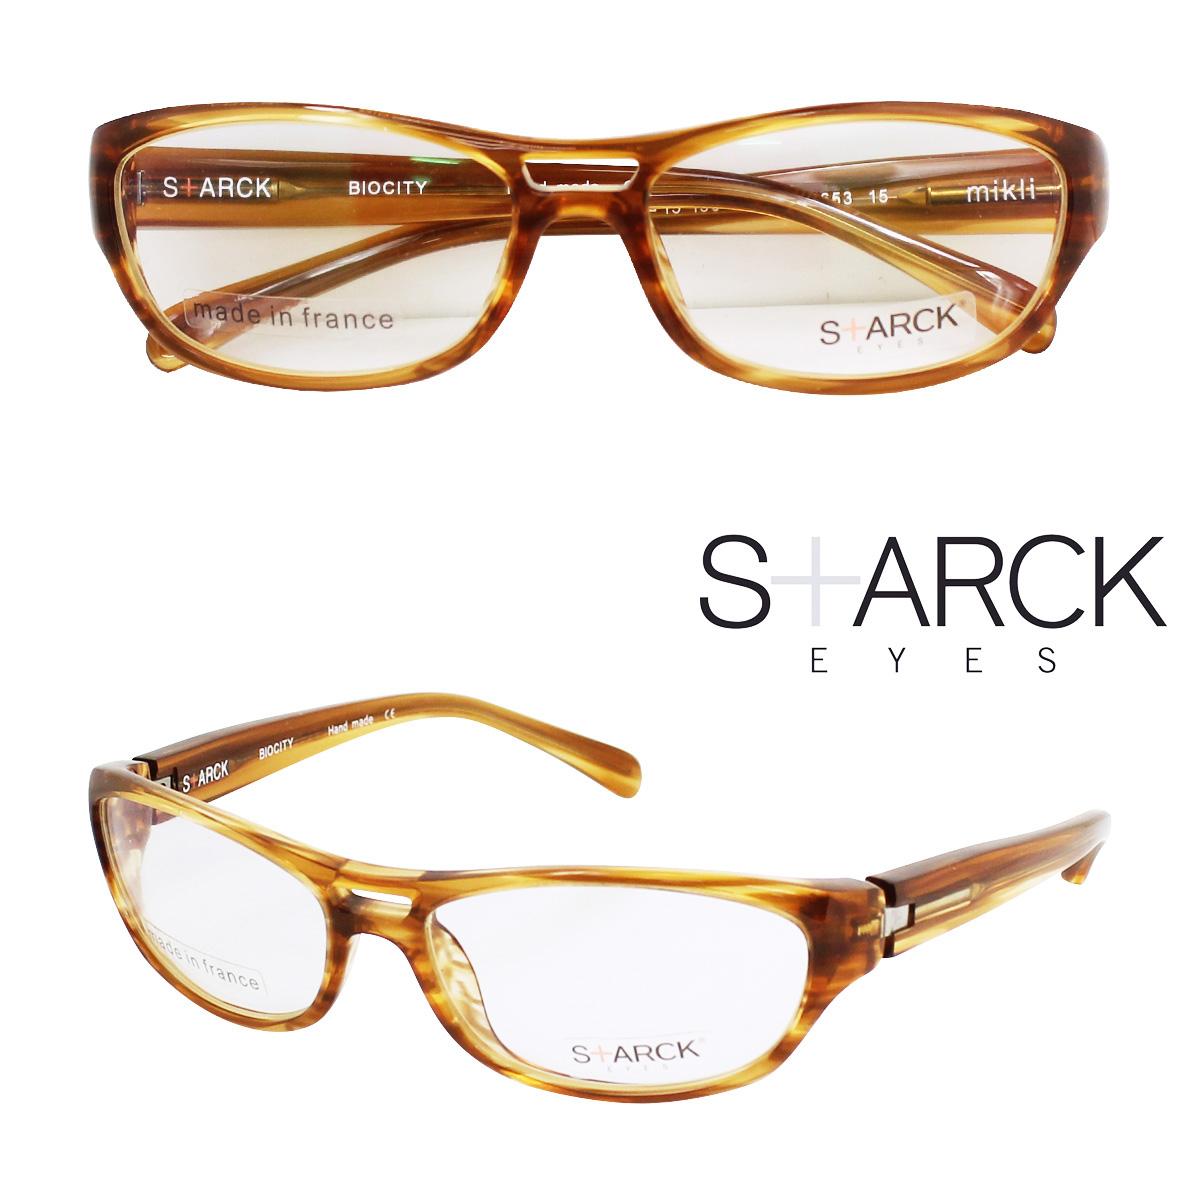 スタルクアイズ STARCK EYES アランミクリ メガネ 眼鏡 フランス製 メンズ レディース 【返品不可】